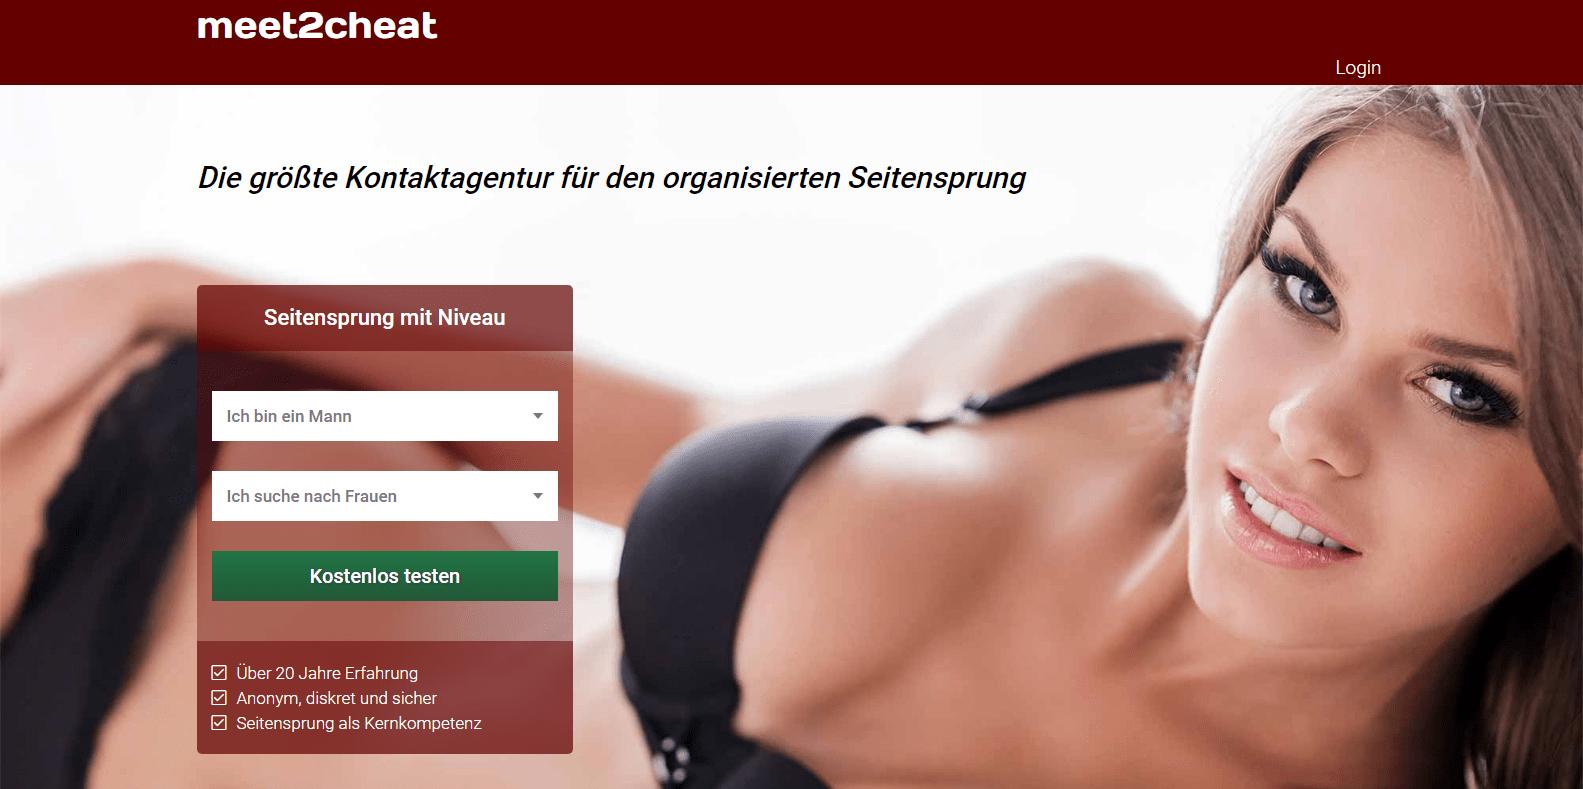 Meet2cheat Anmeldung